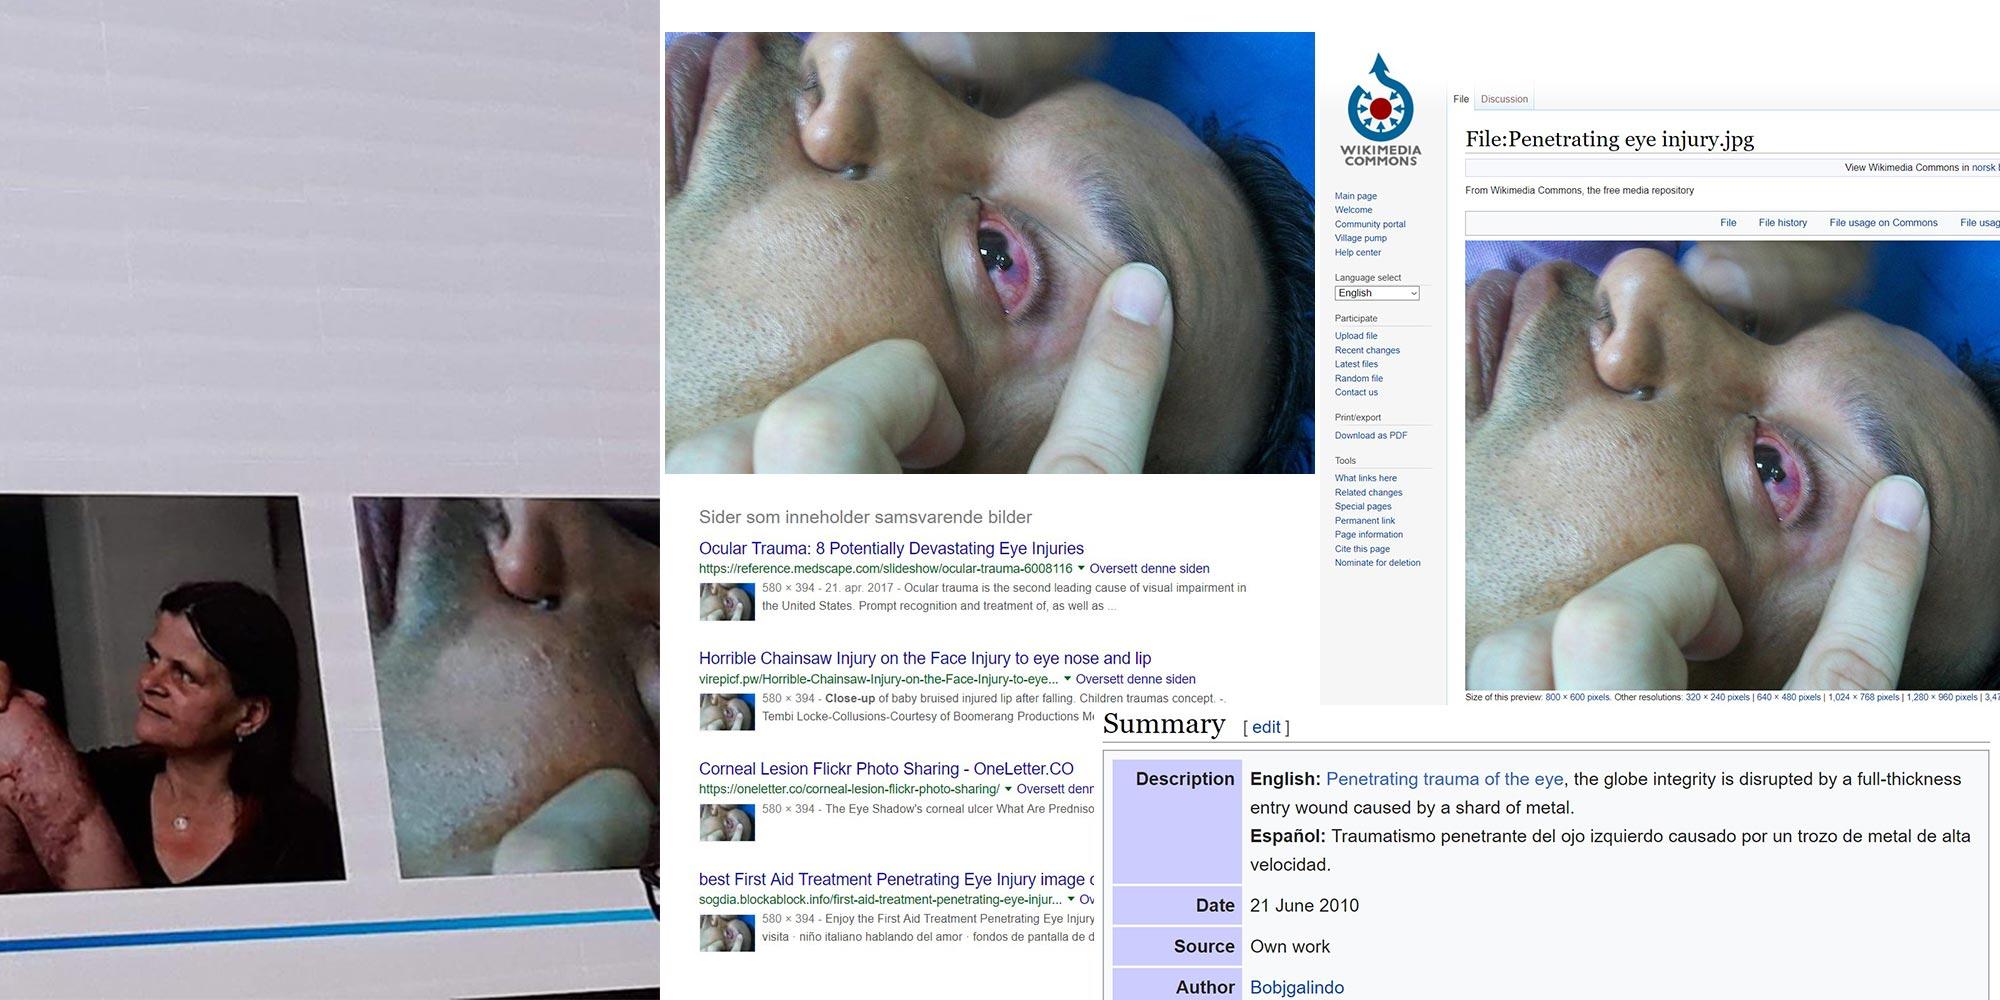 NFF avslørt igjen: Øyeskade fra seminar mot pyro var skade fra stålsplint i 2010. I Venezuela.